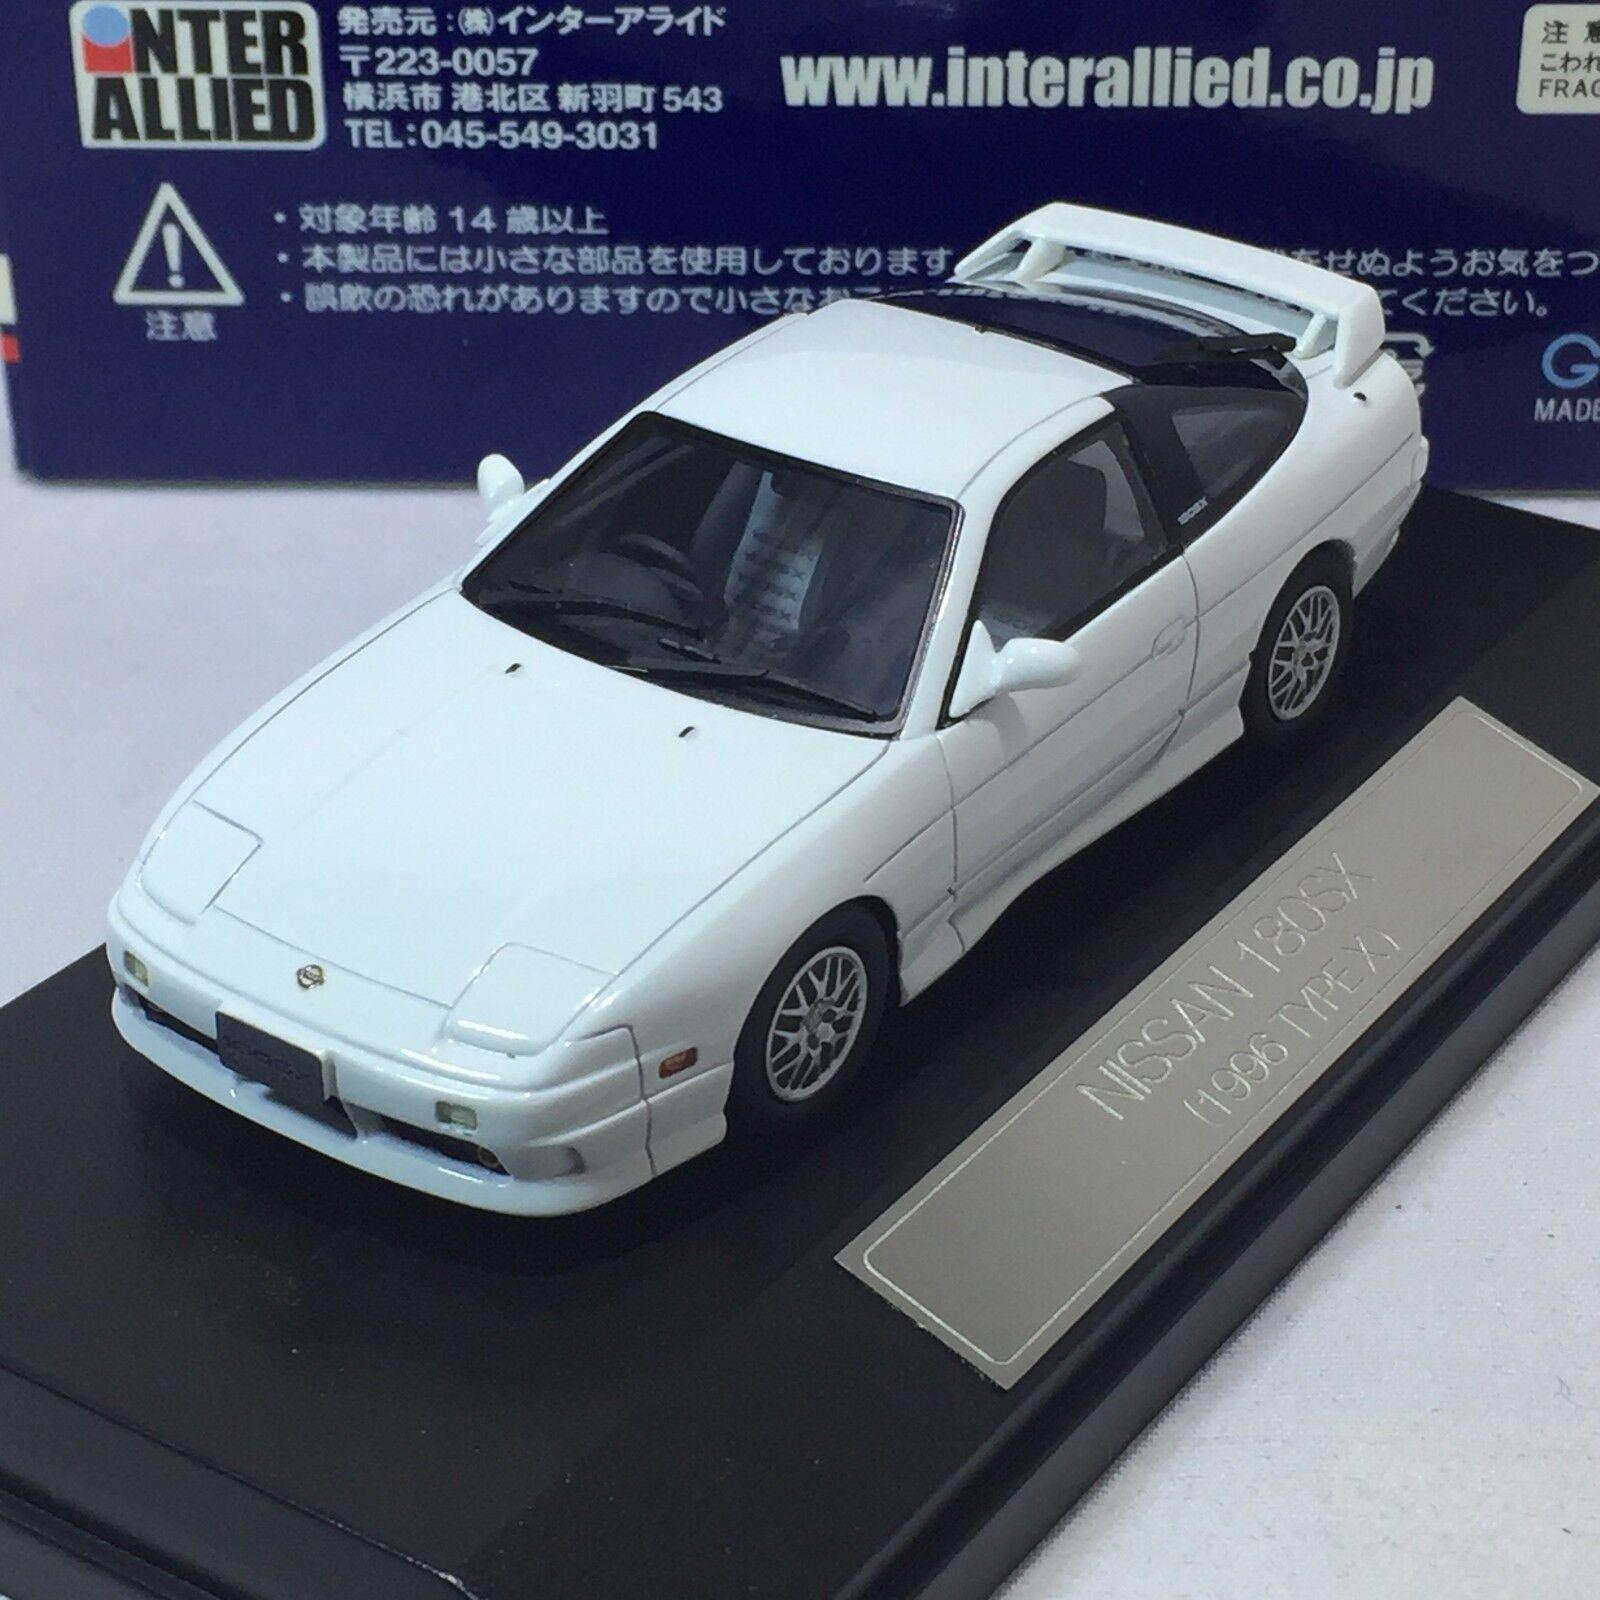 Échelle  1 43 Hi-Story Nissan 180SX S14 1996 type X Mid blanc no. HS017  en ligne au meilleur prix